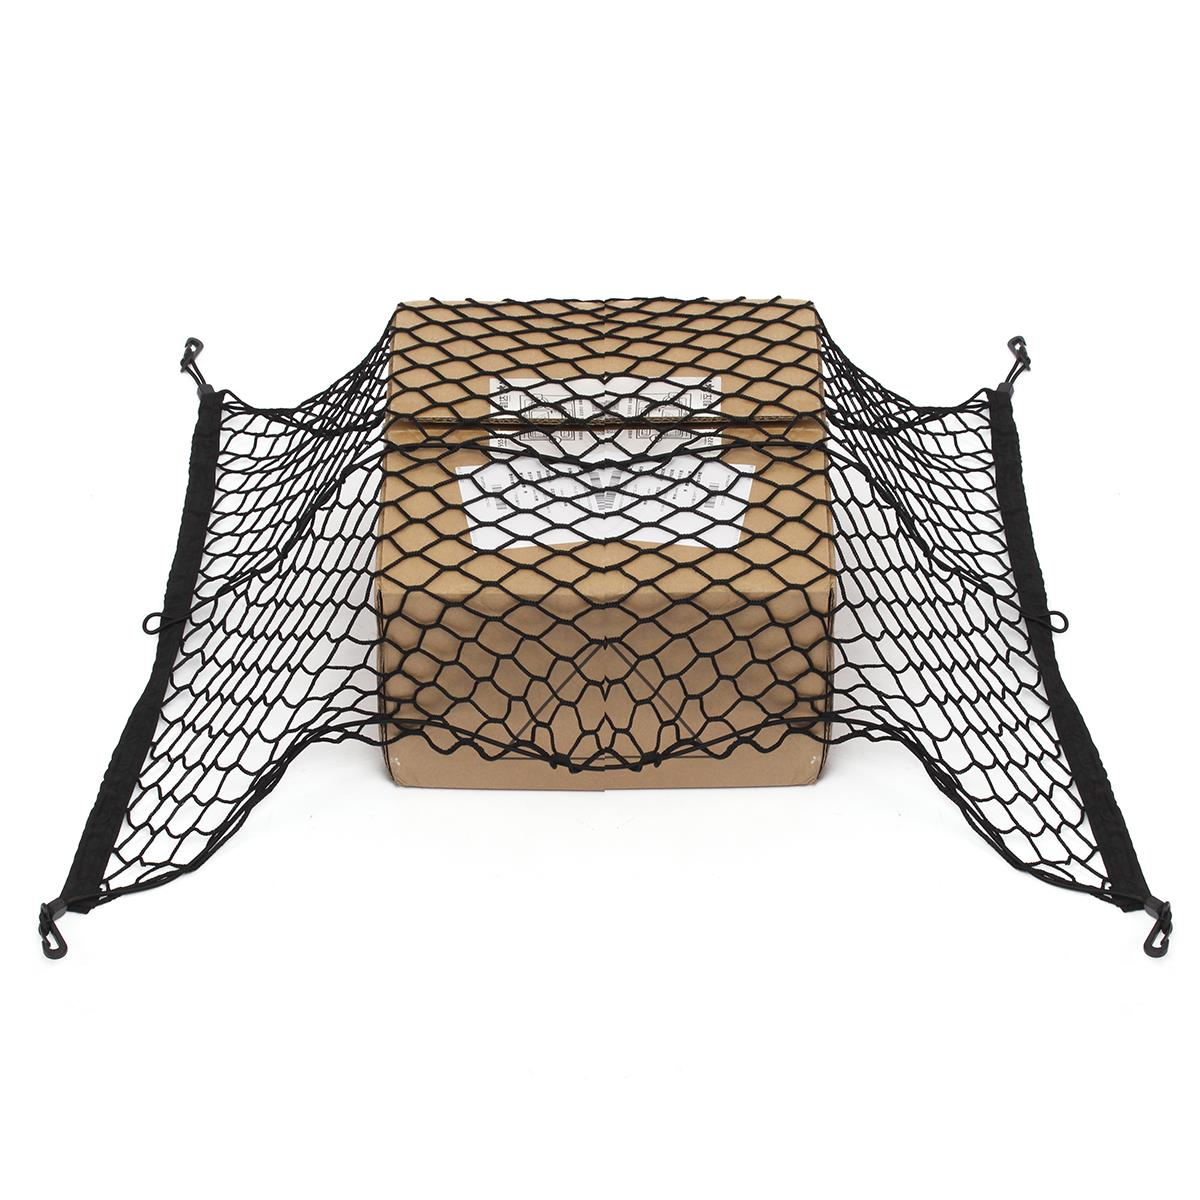 100 Cm X 70 Cm Schwarz Nylon Auto Stamm Net Gepäck Lagerung Veranstalter Tasche Hinten Schwanz Mesh Netzwerk Mit 4 Haken